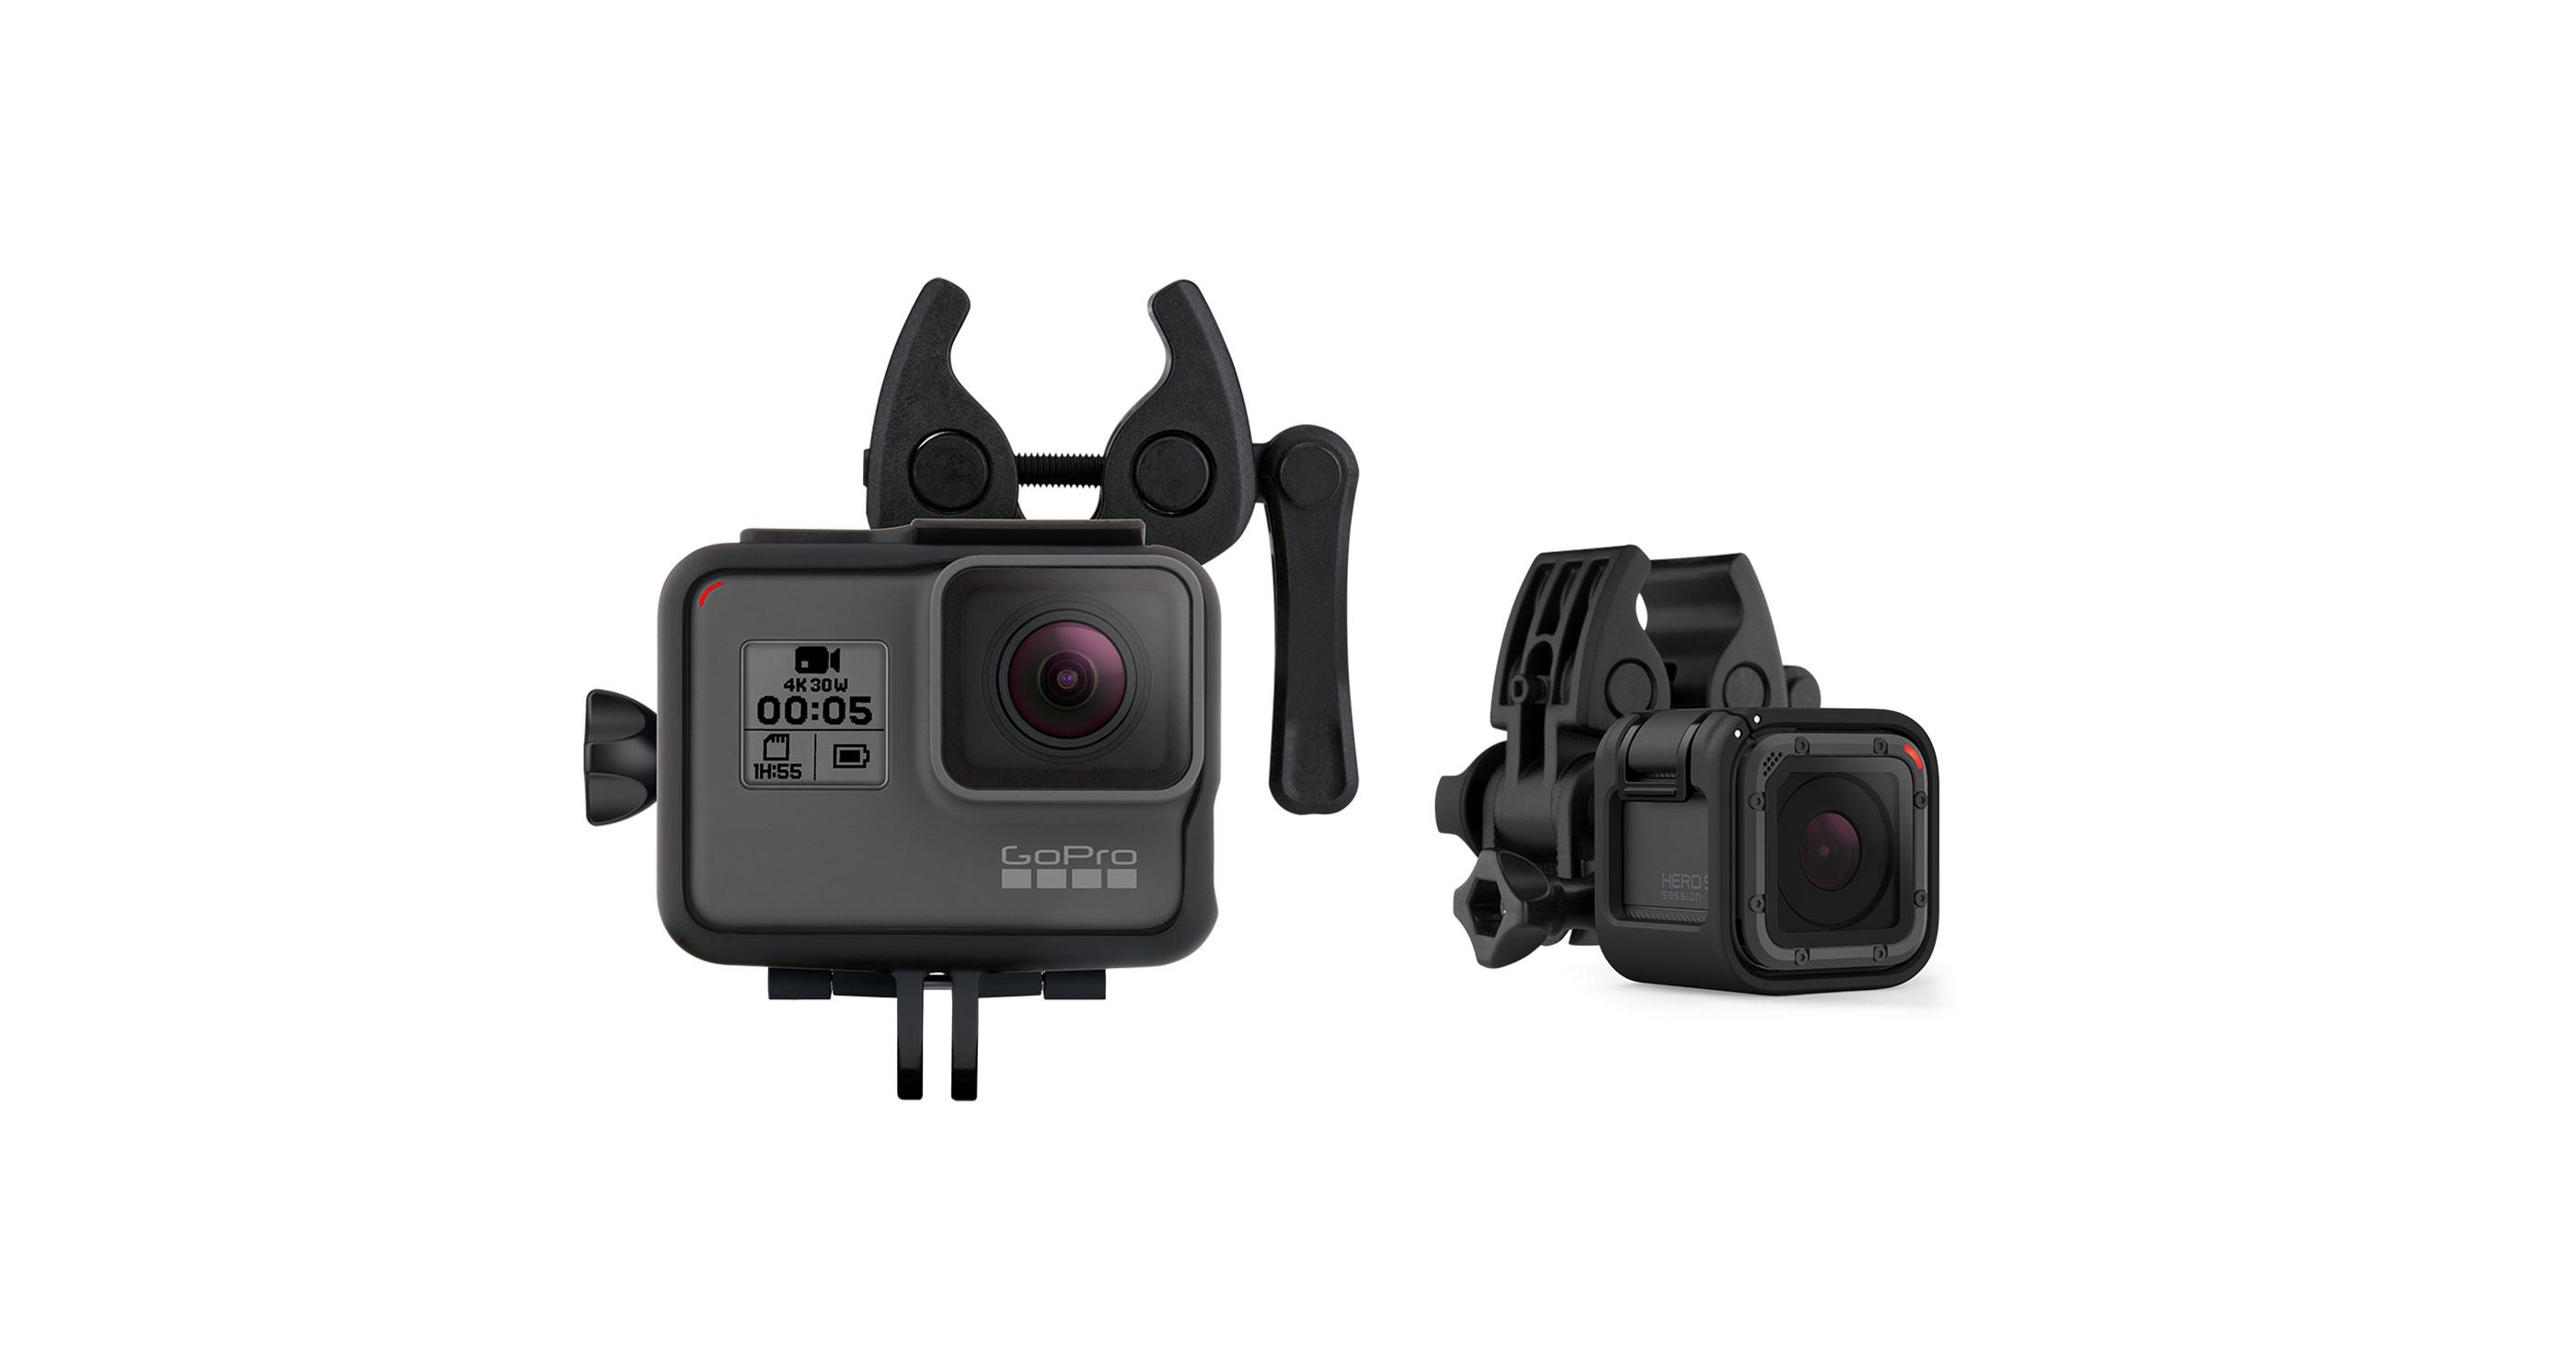 Accesoriu GoPro pentru vanatoare si pescuit ASGUM-002